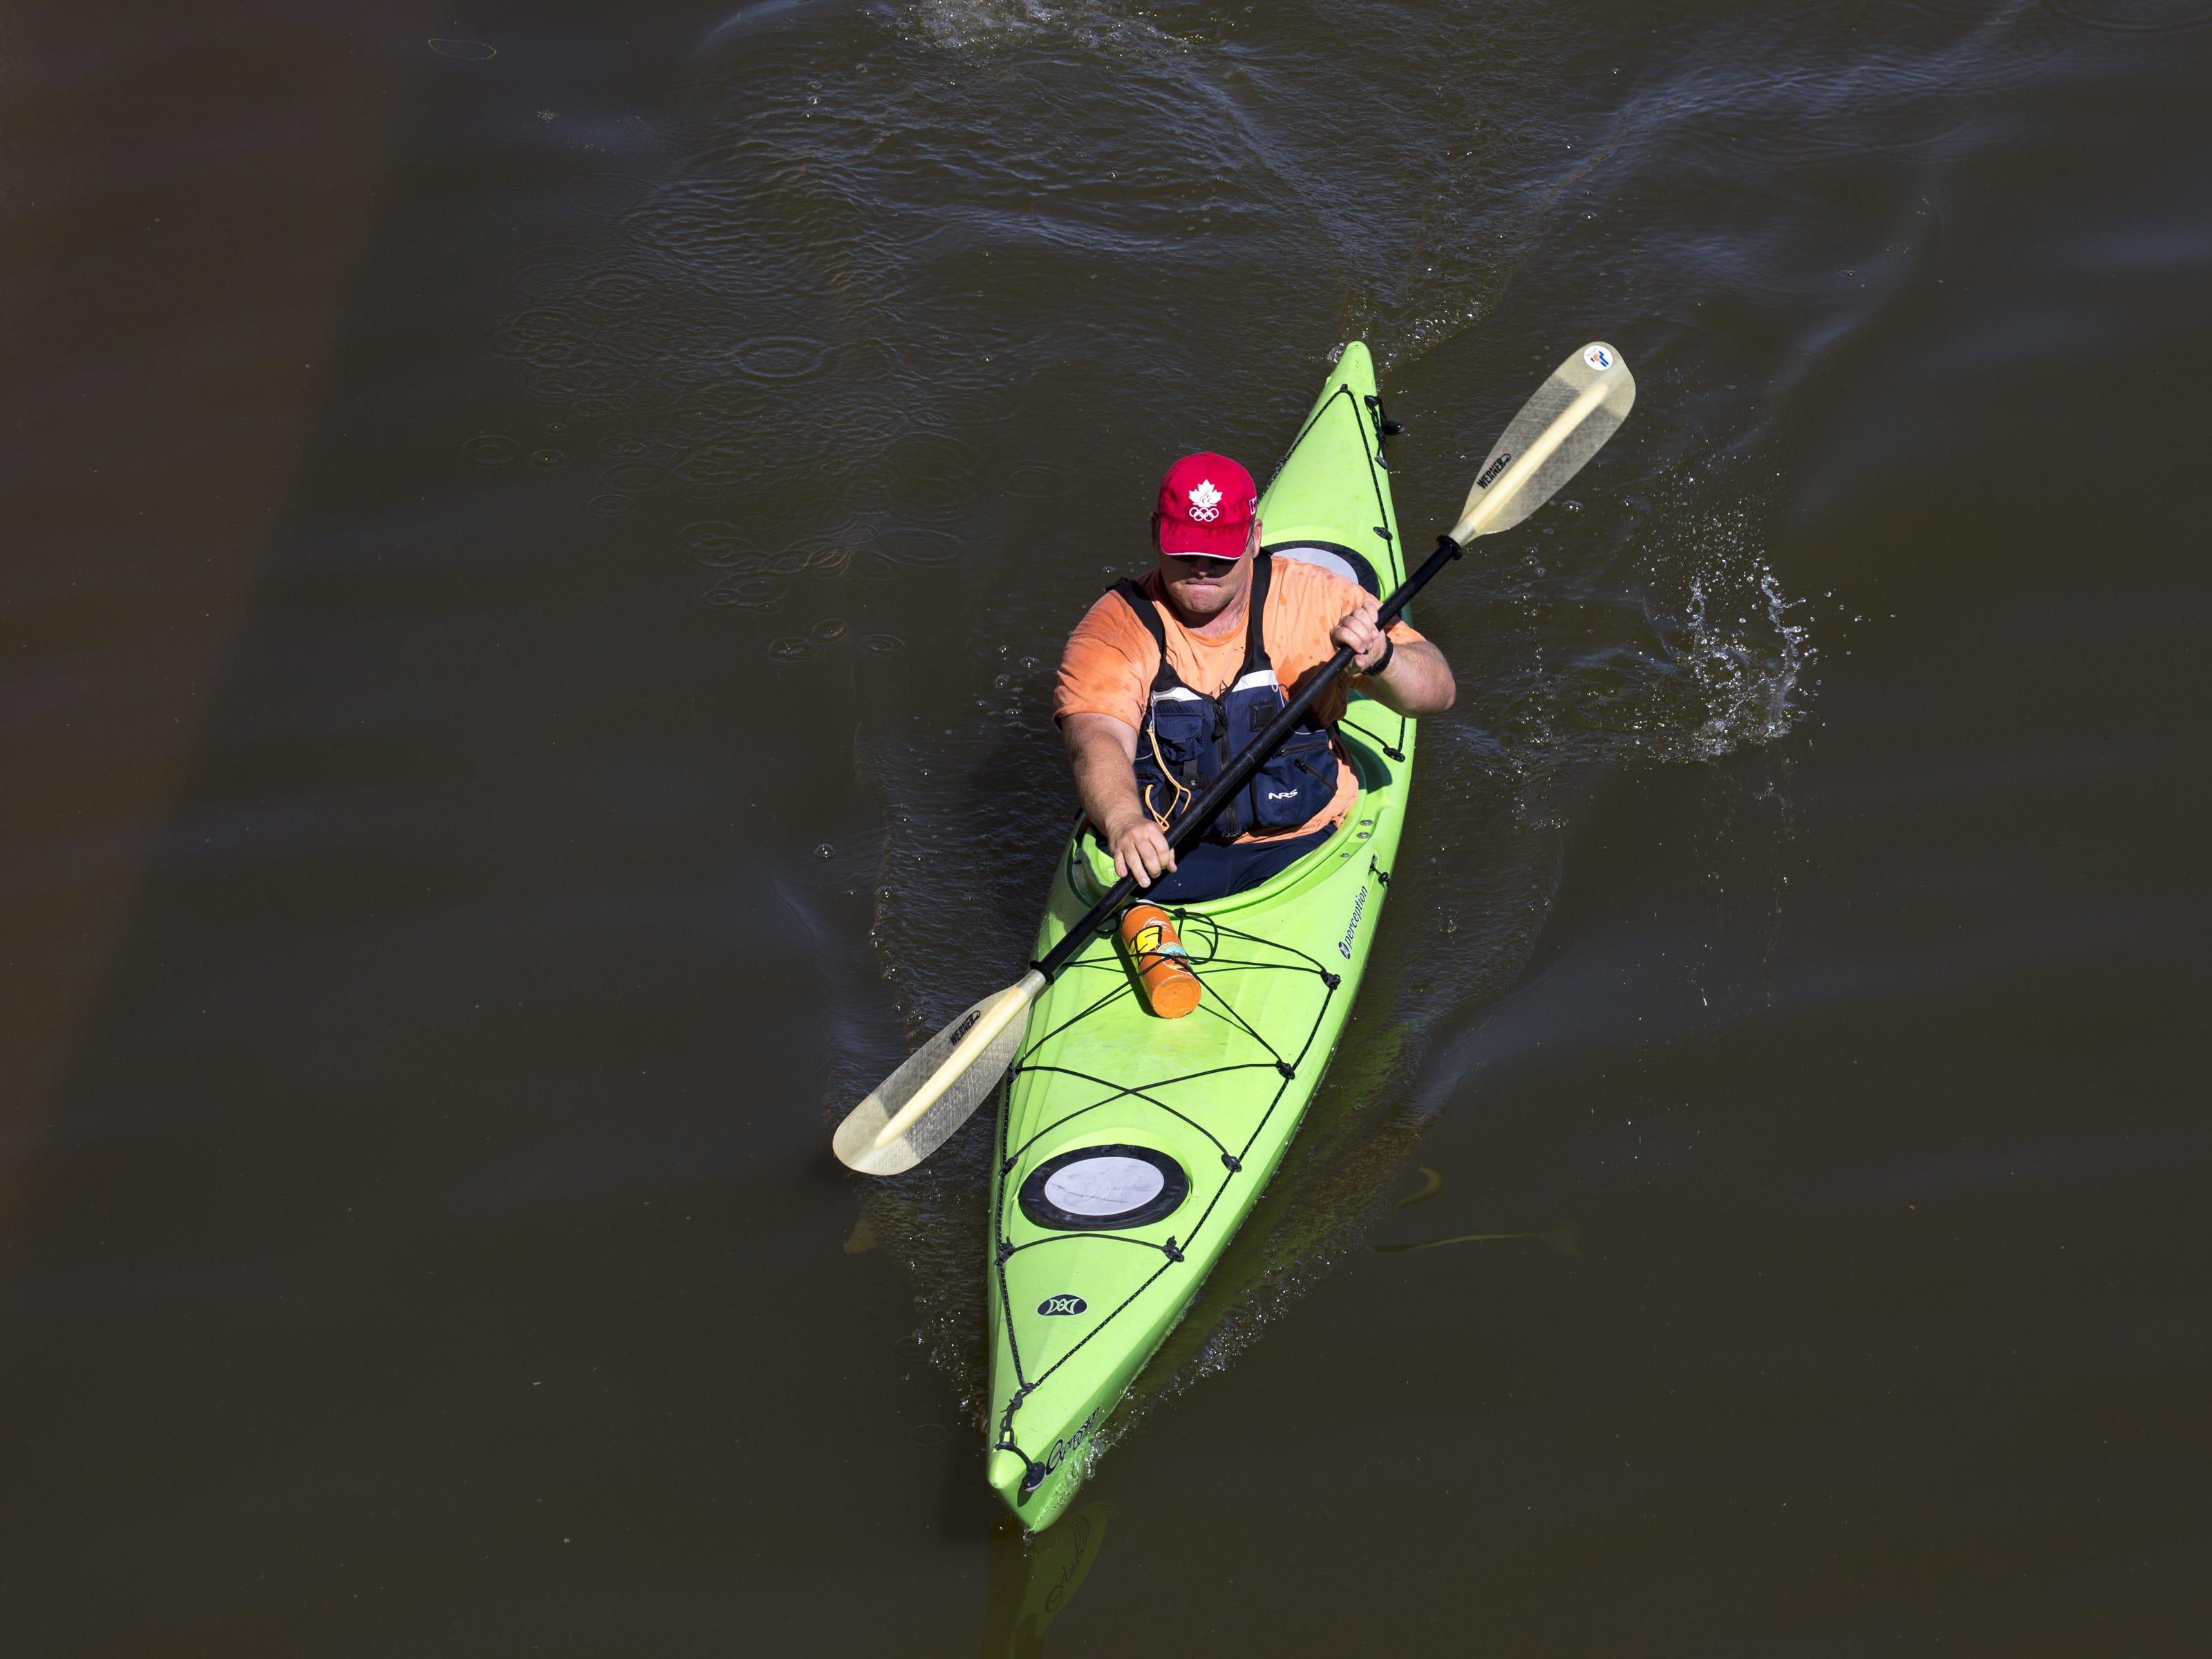 Ryan Allison kayaks on April 8, 2019, at Tempe Town Lake.